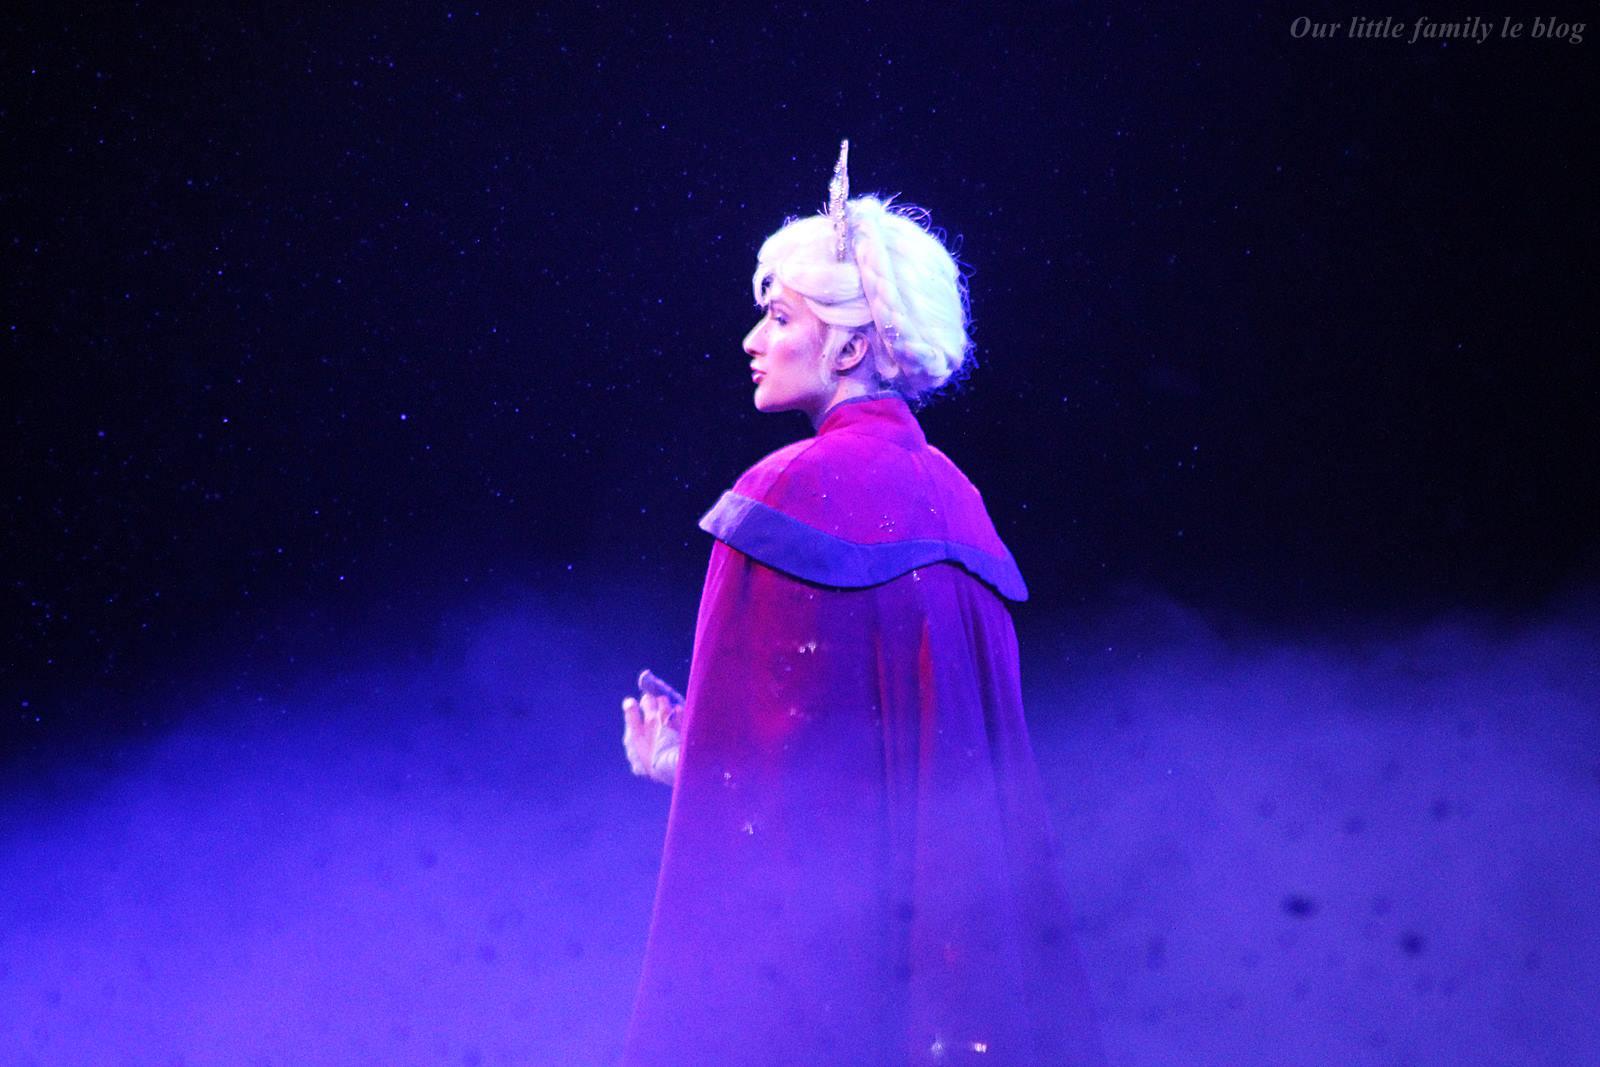 J 39 ai vu la reine des neiges de disney sur glace - Disney reine des neiges ...